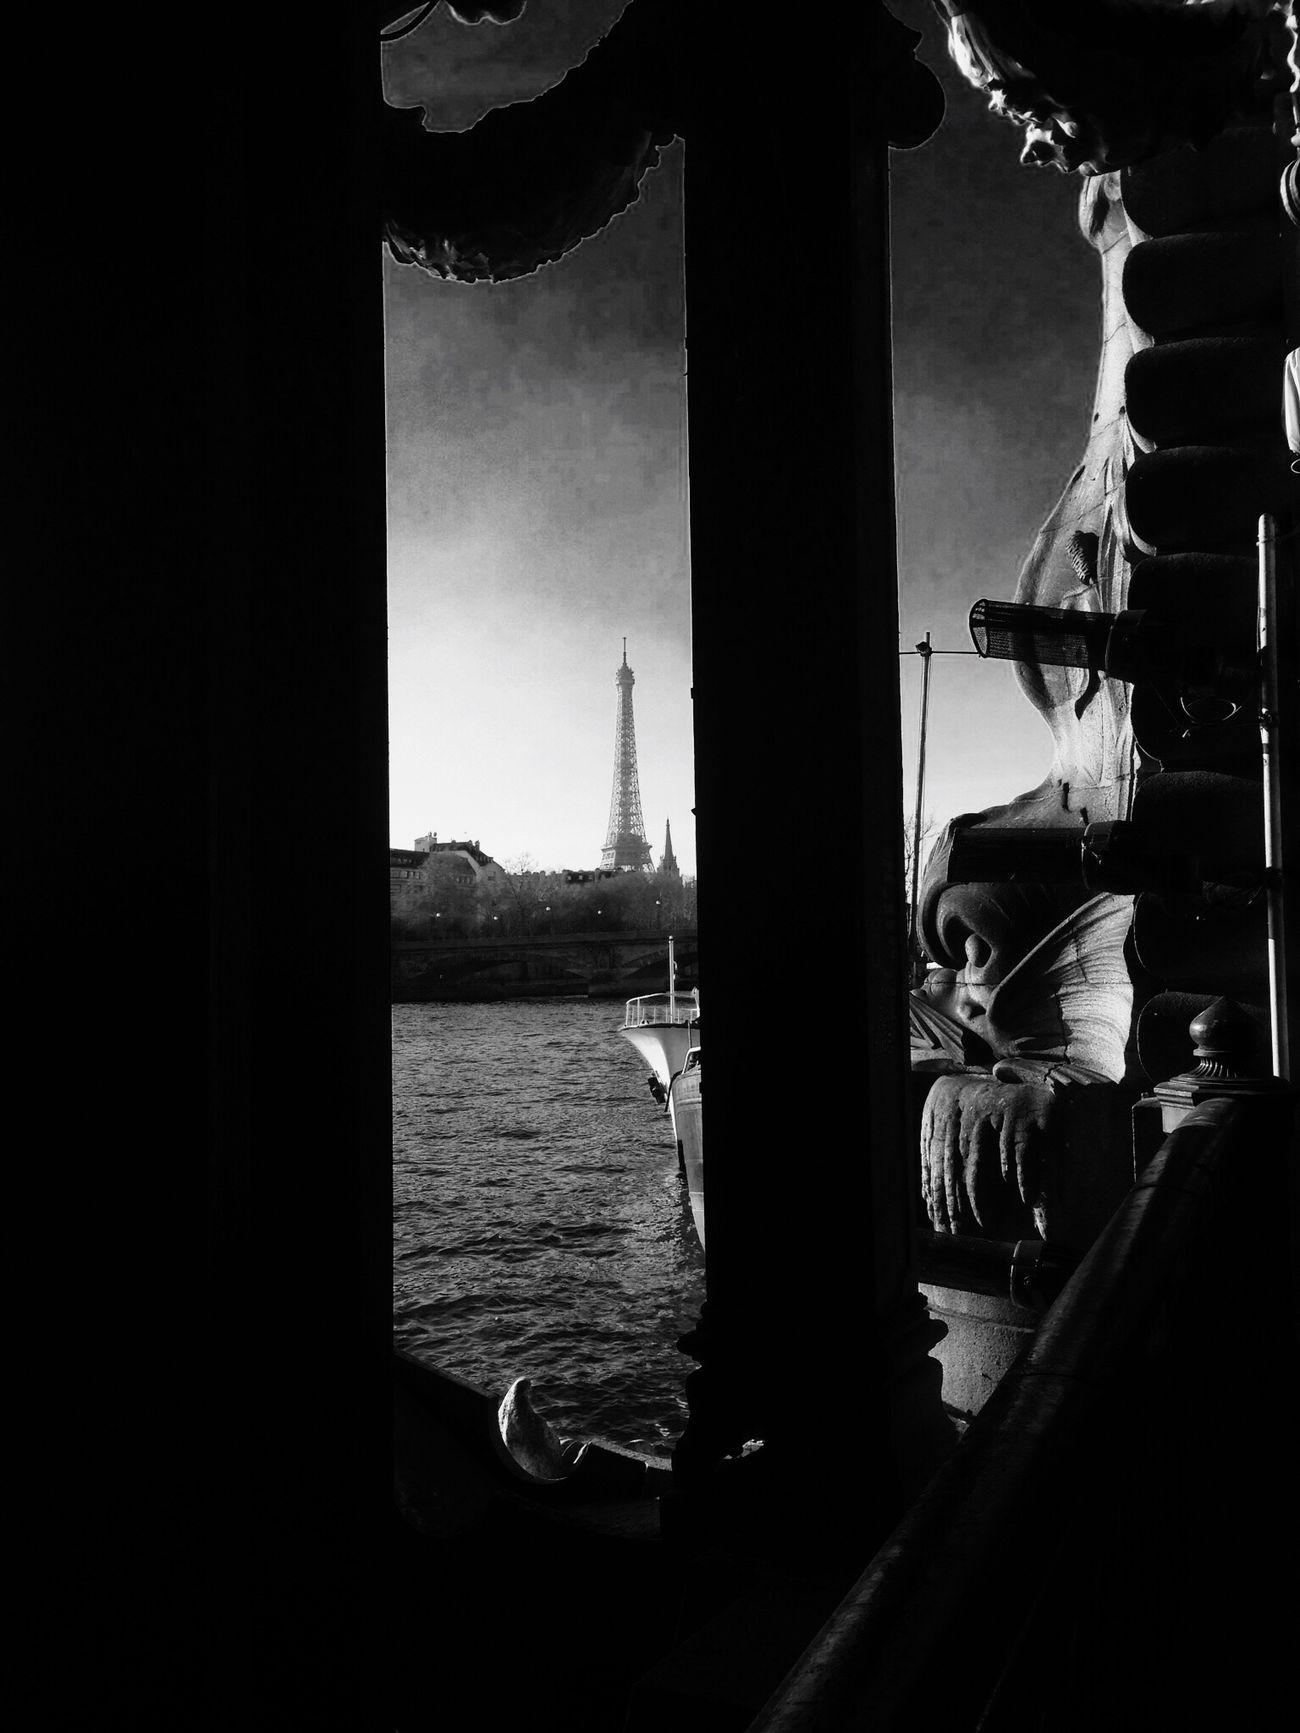 Window Day Indoors  No People Water City Sky Architecture Paris, France  Tour Eiffel, Paris.